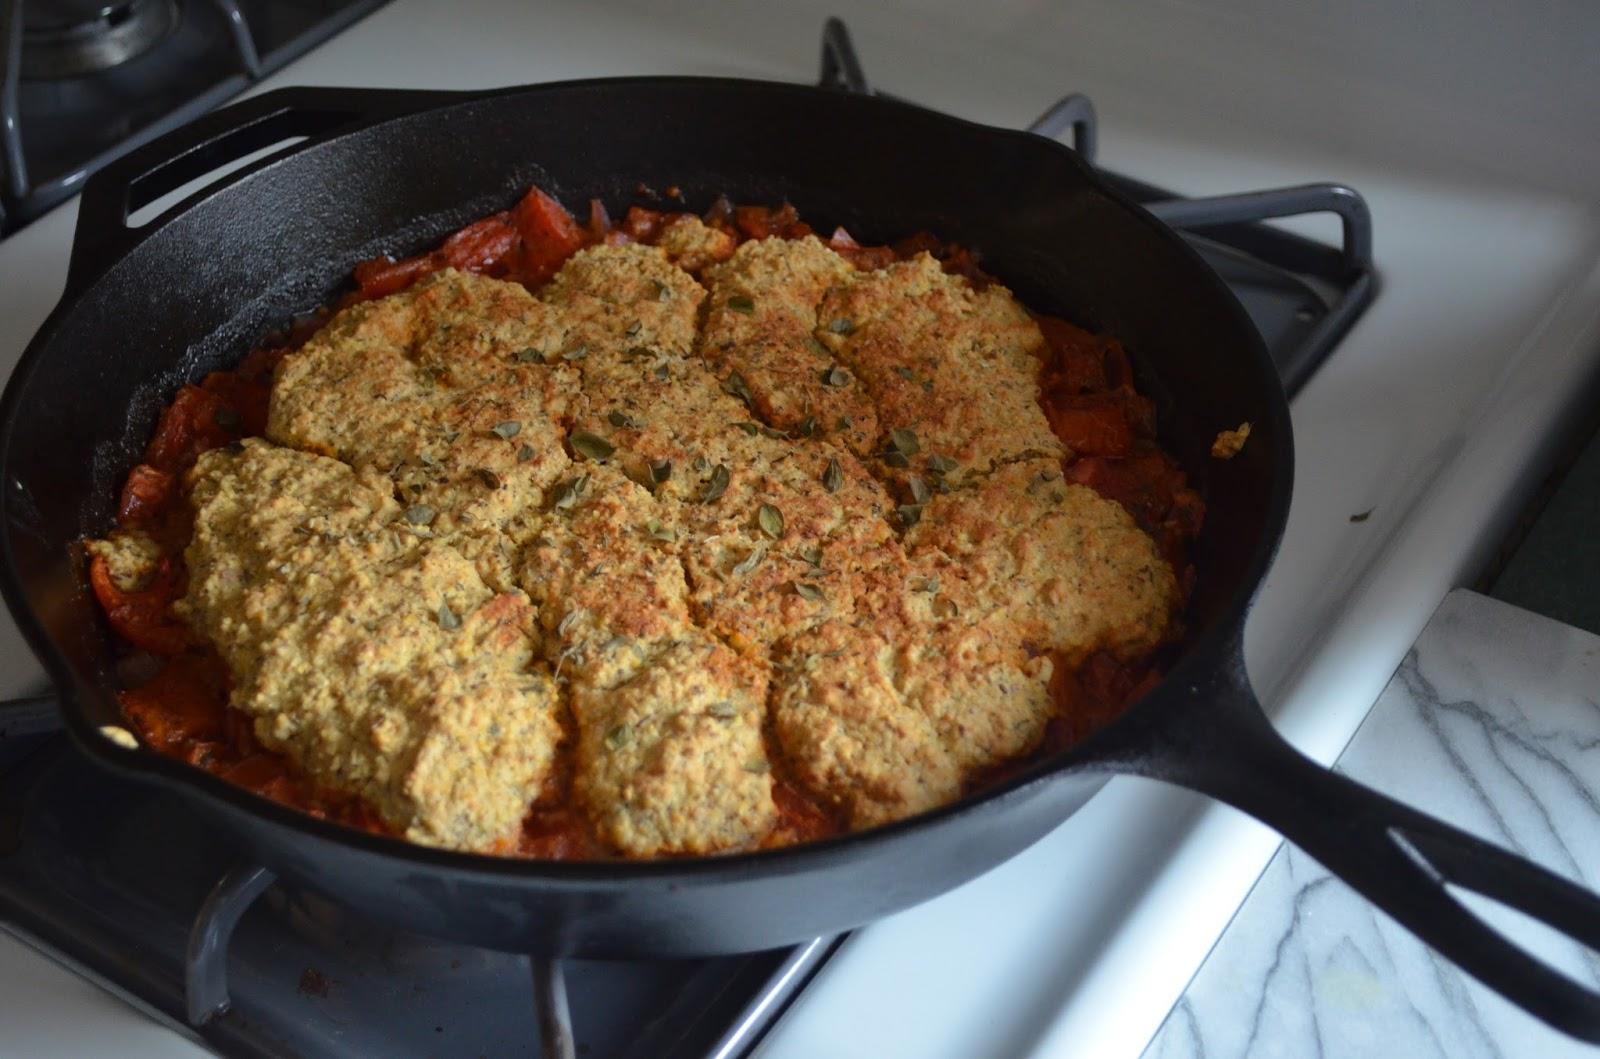 Petite Panettiere: Garden Fresh Tomato Cornmeal Cobbler